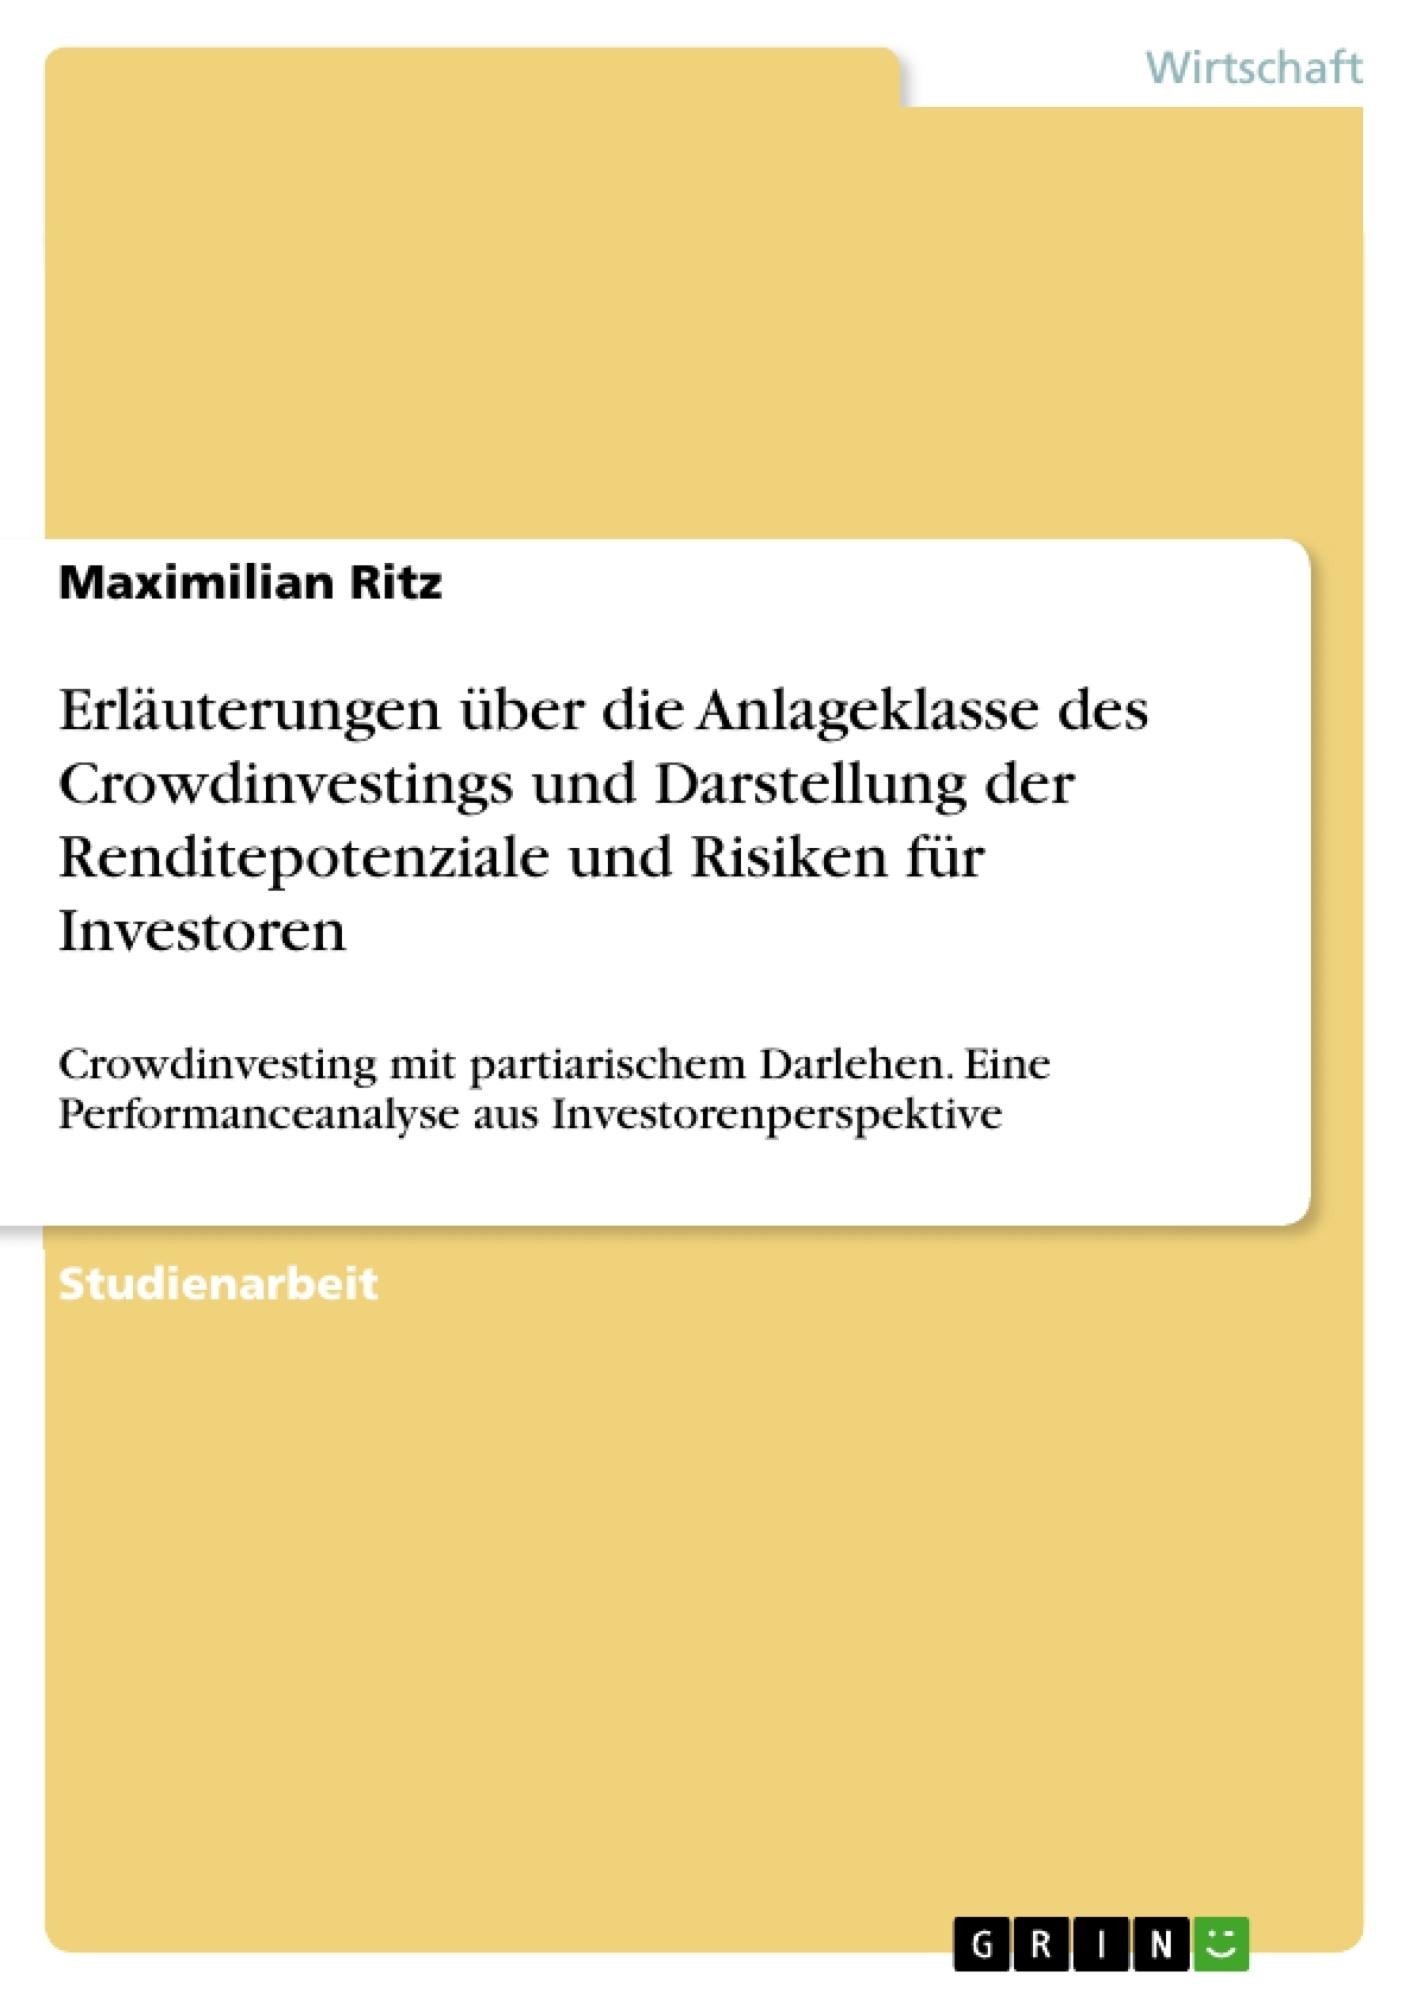 Titel: Erläuterungen über die Anlageklasse des Crowdinvestings und Darstellung der Renditepotenziale und Risiken für Investoren